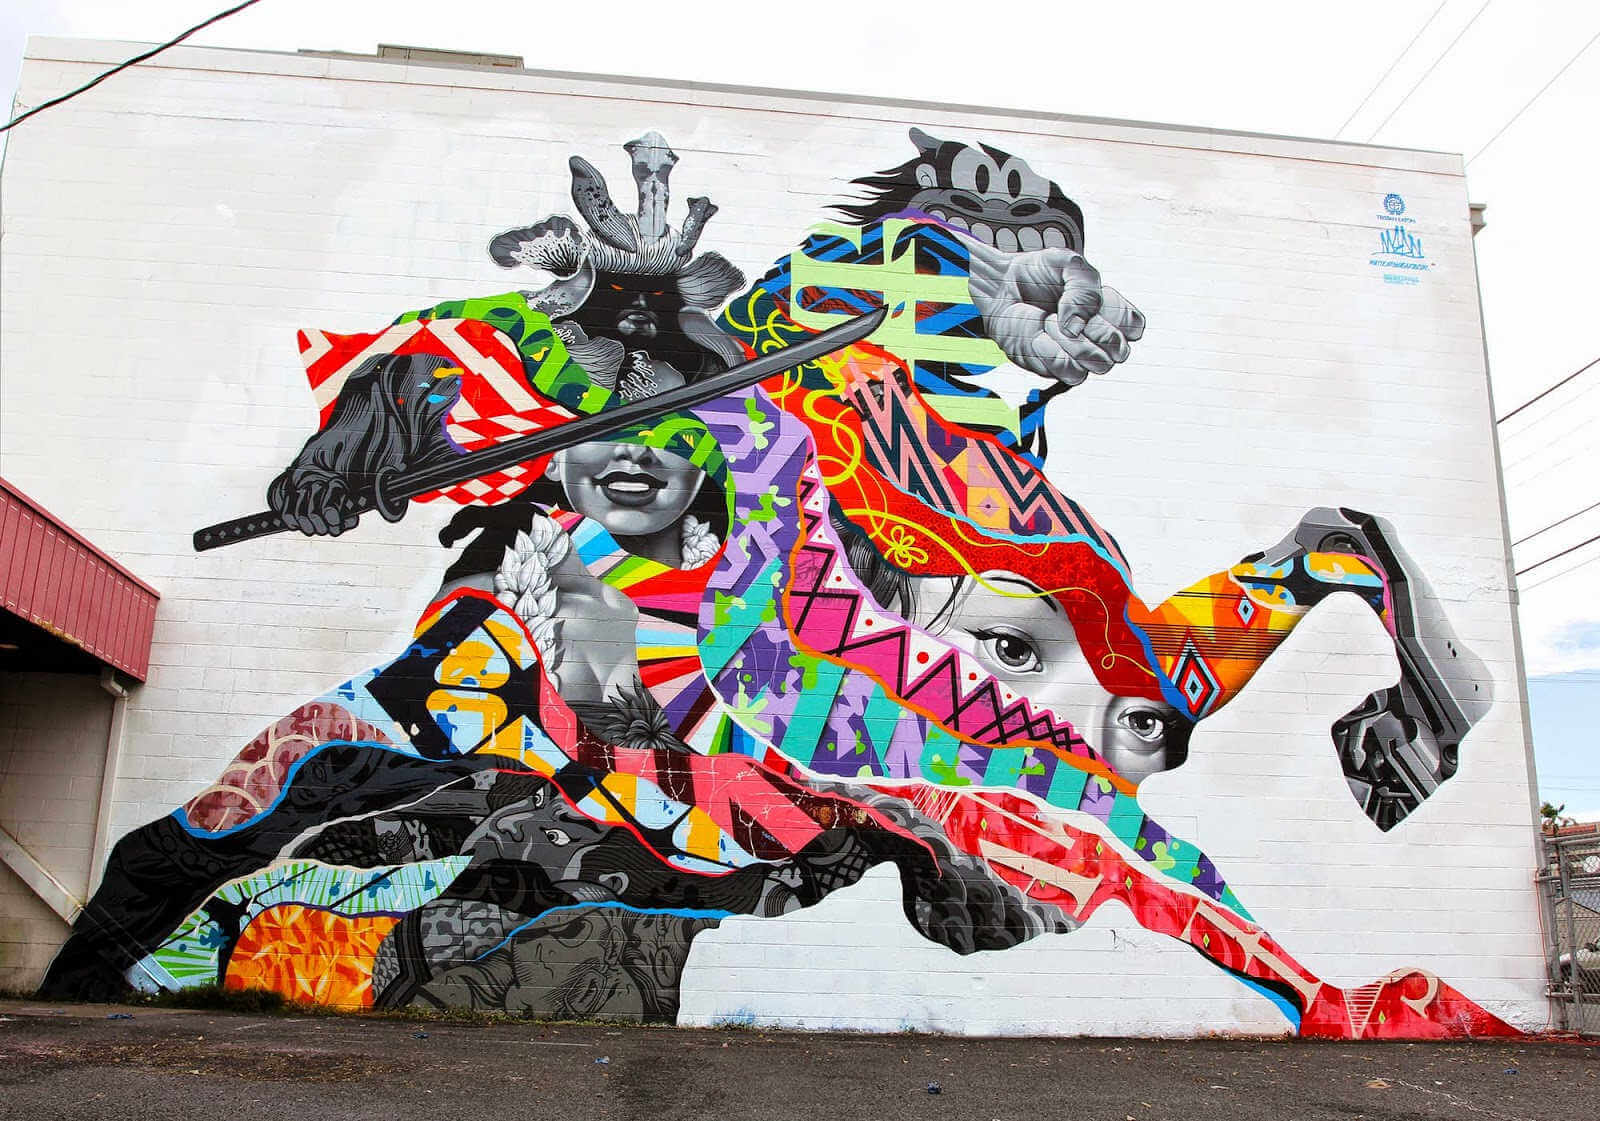 Arte urbano de guerrero samurai pintado por tristan eaton